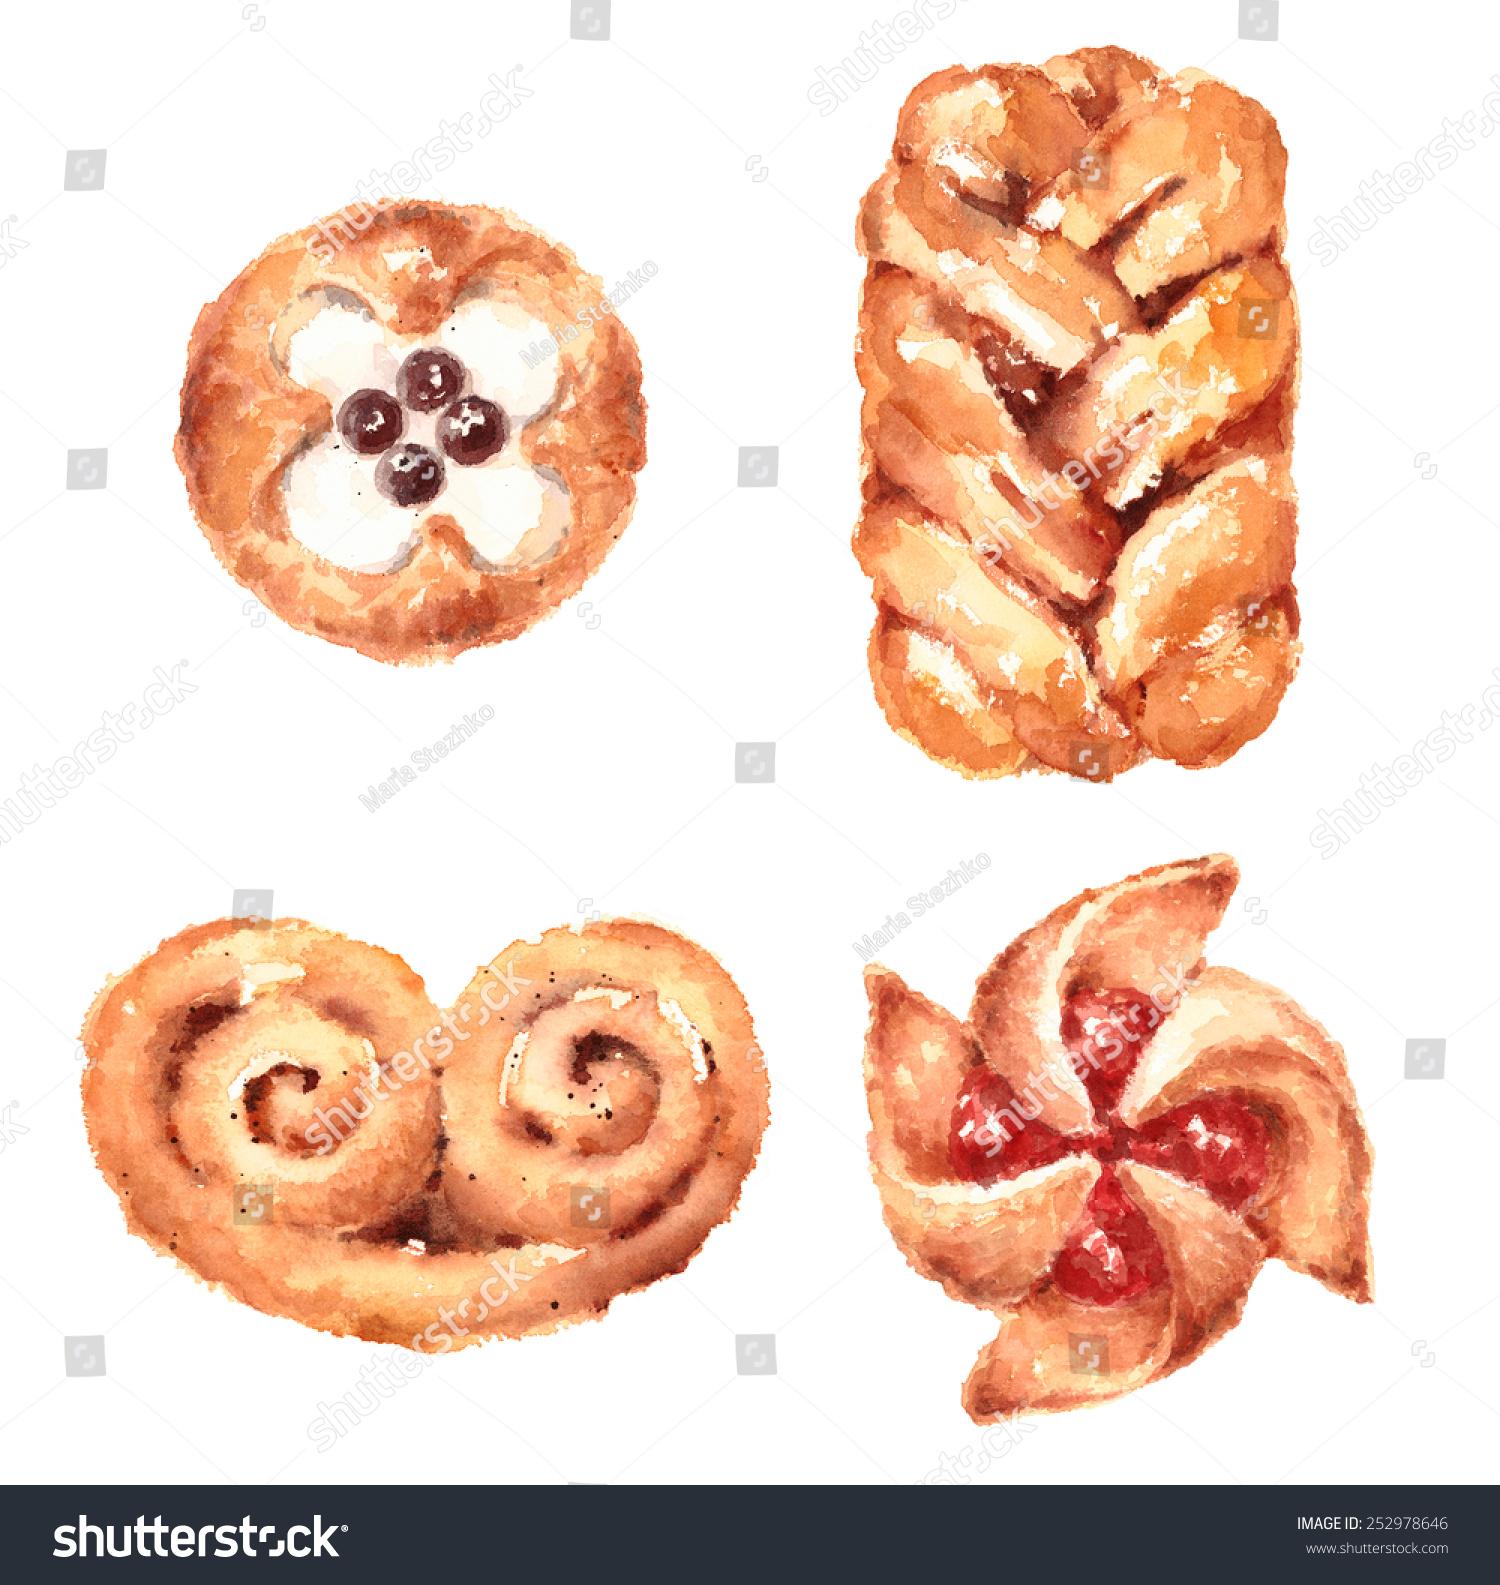 水彩糕点食品插画手绘孤立在白色背景-食品及饮料